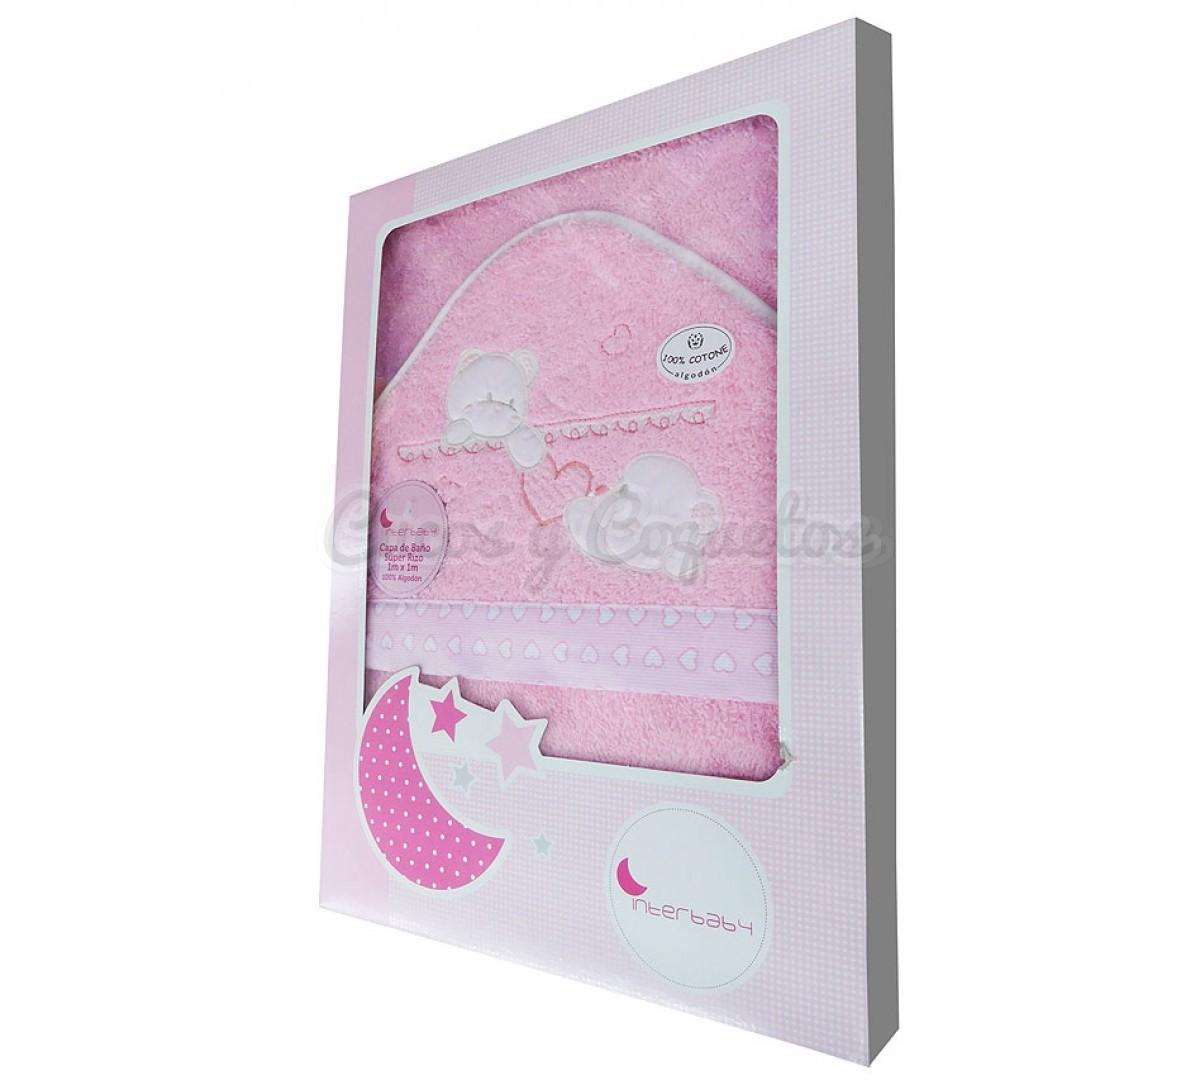 Capa ba o amor interbaby regalos para beb s canastillas - Capas de bano bebe personalizadas ...